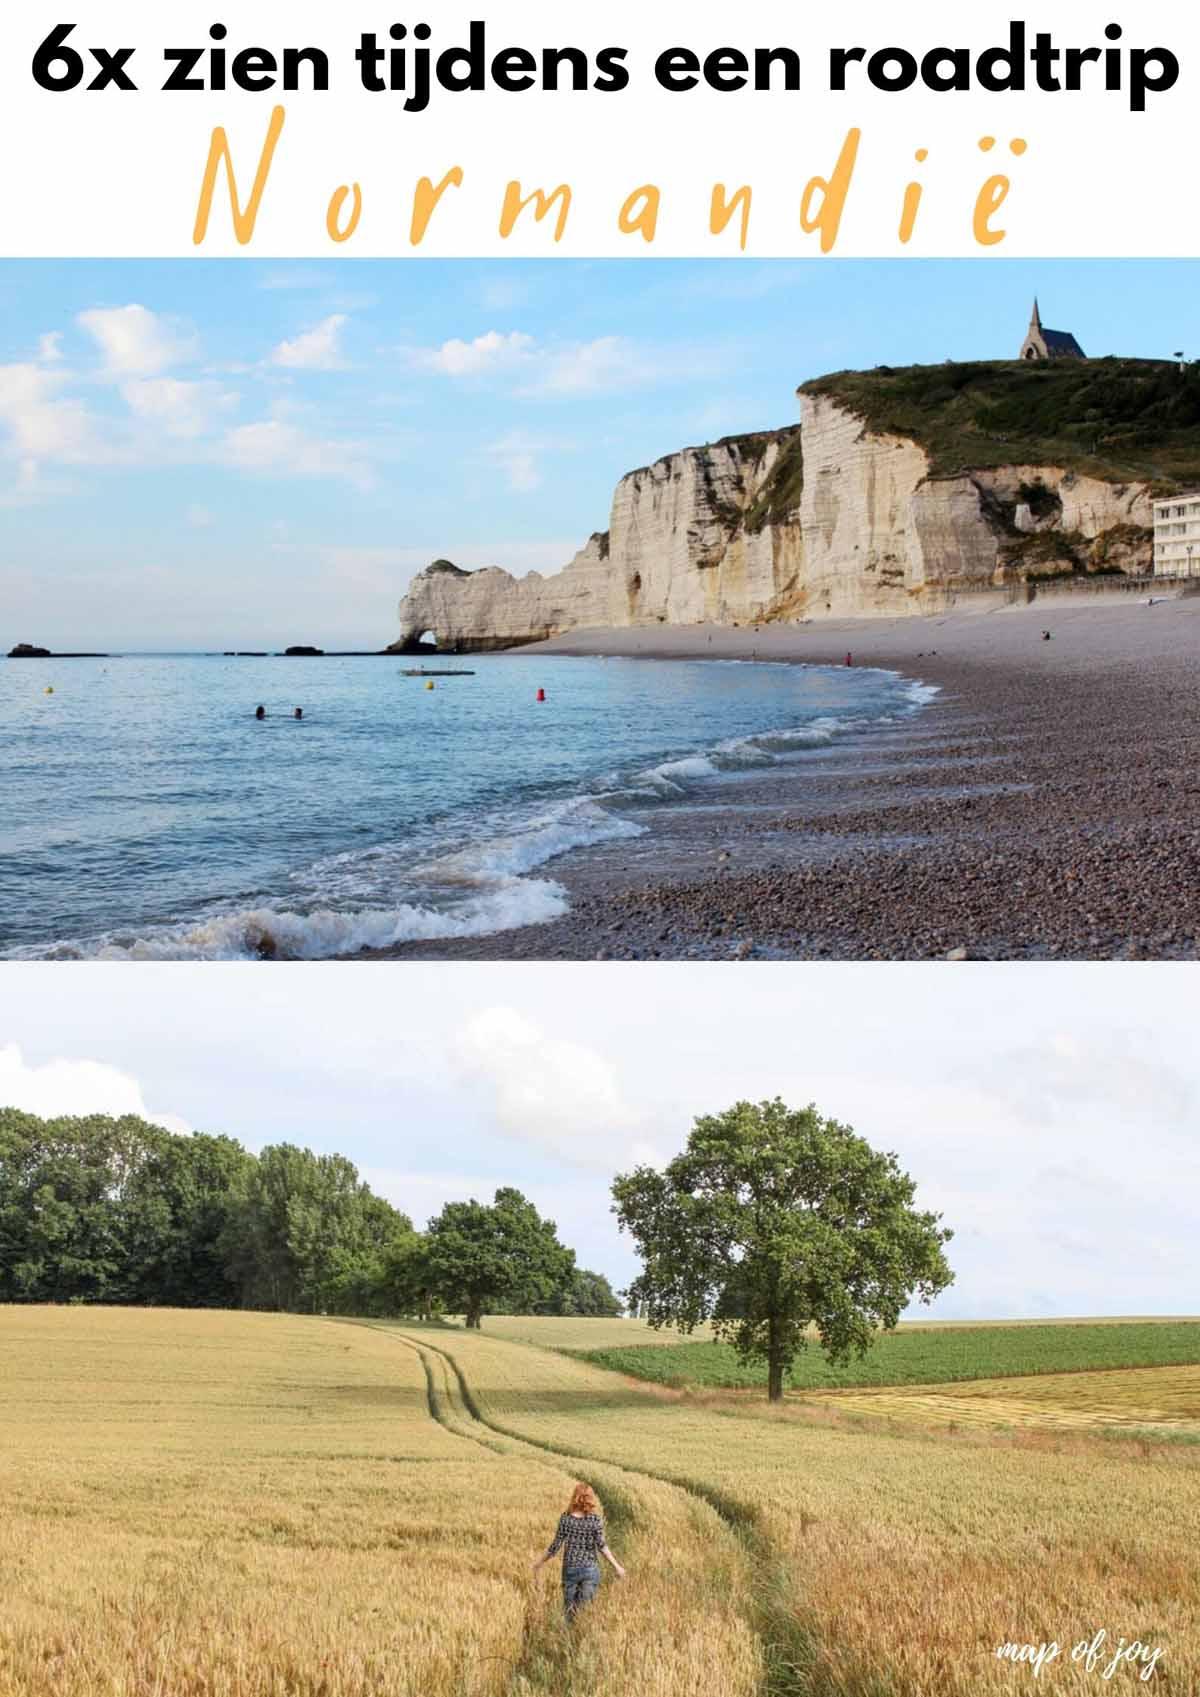 6x zien tijdens een roadtrip Normandië, Frankrijk - Map of Joy